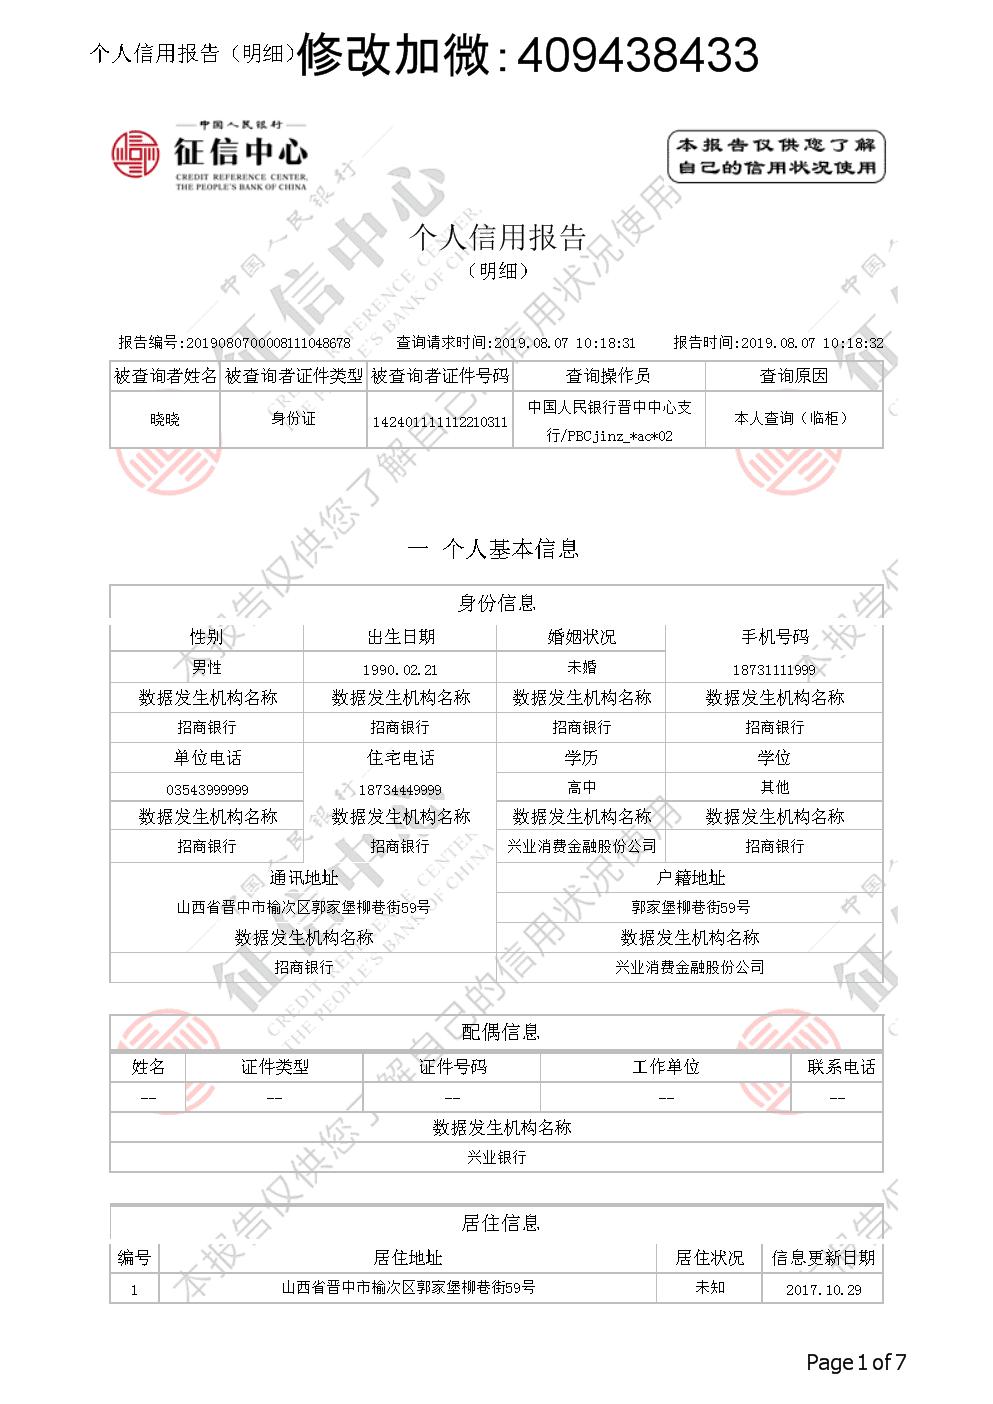 最新征信报告详版word模板带水印下载后高清2.docx